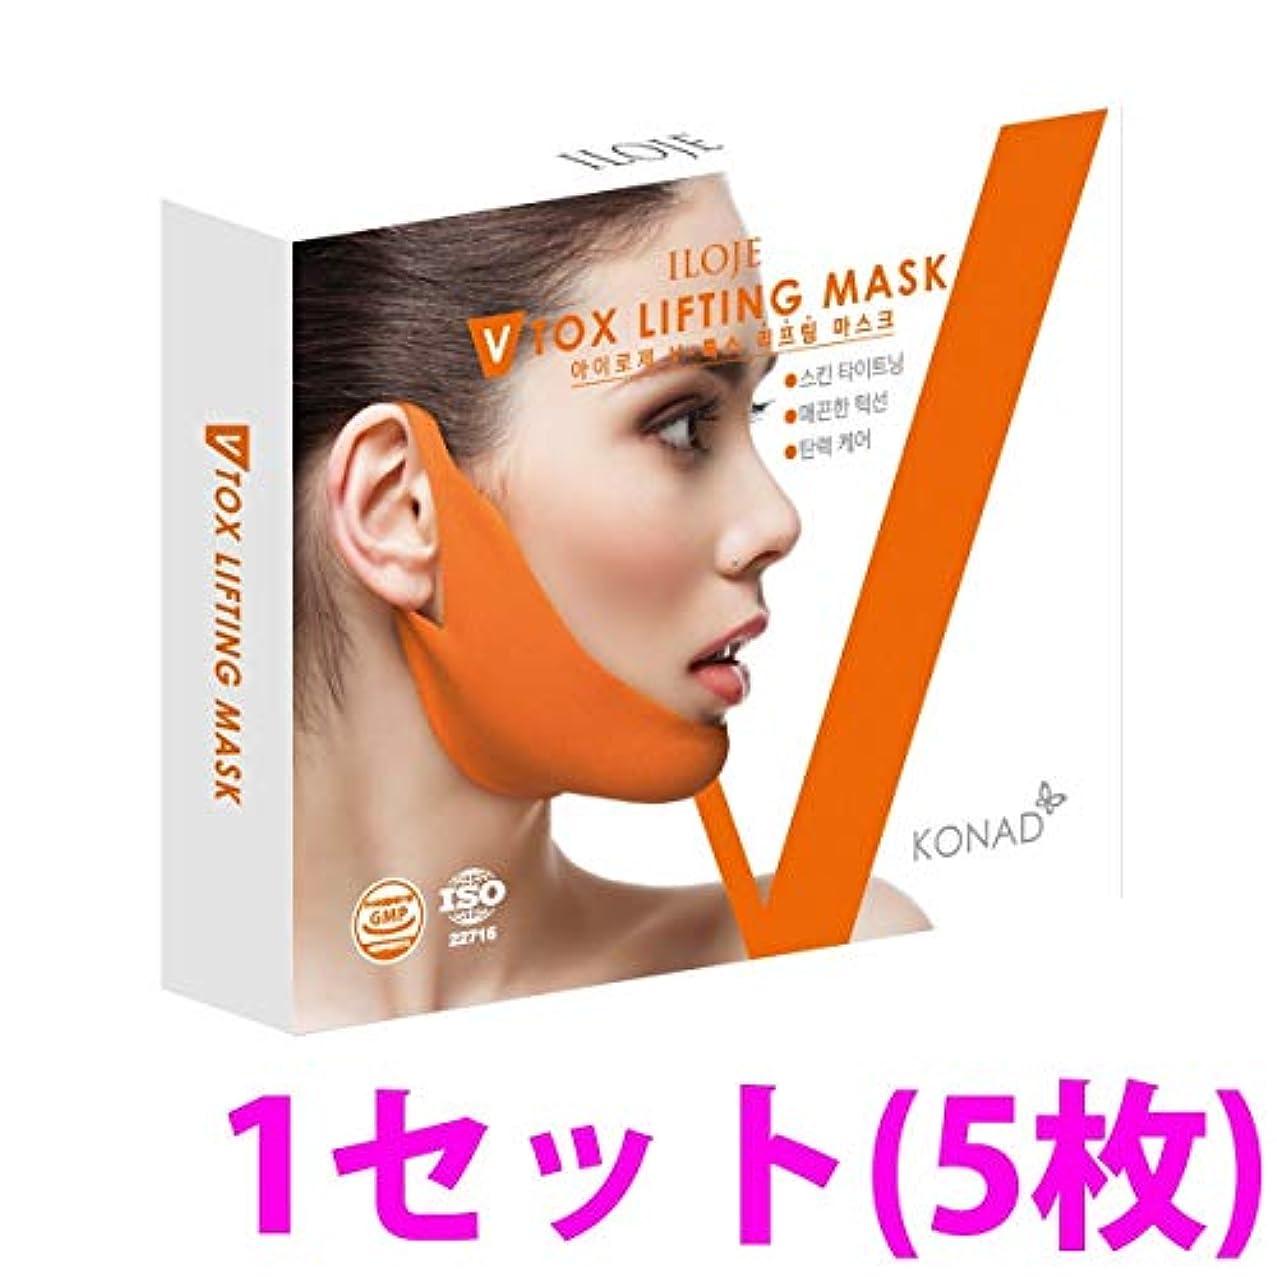 ラック市民権上回る女性の年齢は顎の輪郭で決まる!V-TOXリフティングマスクパック 1セット(5枚)